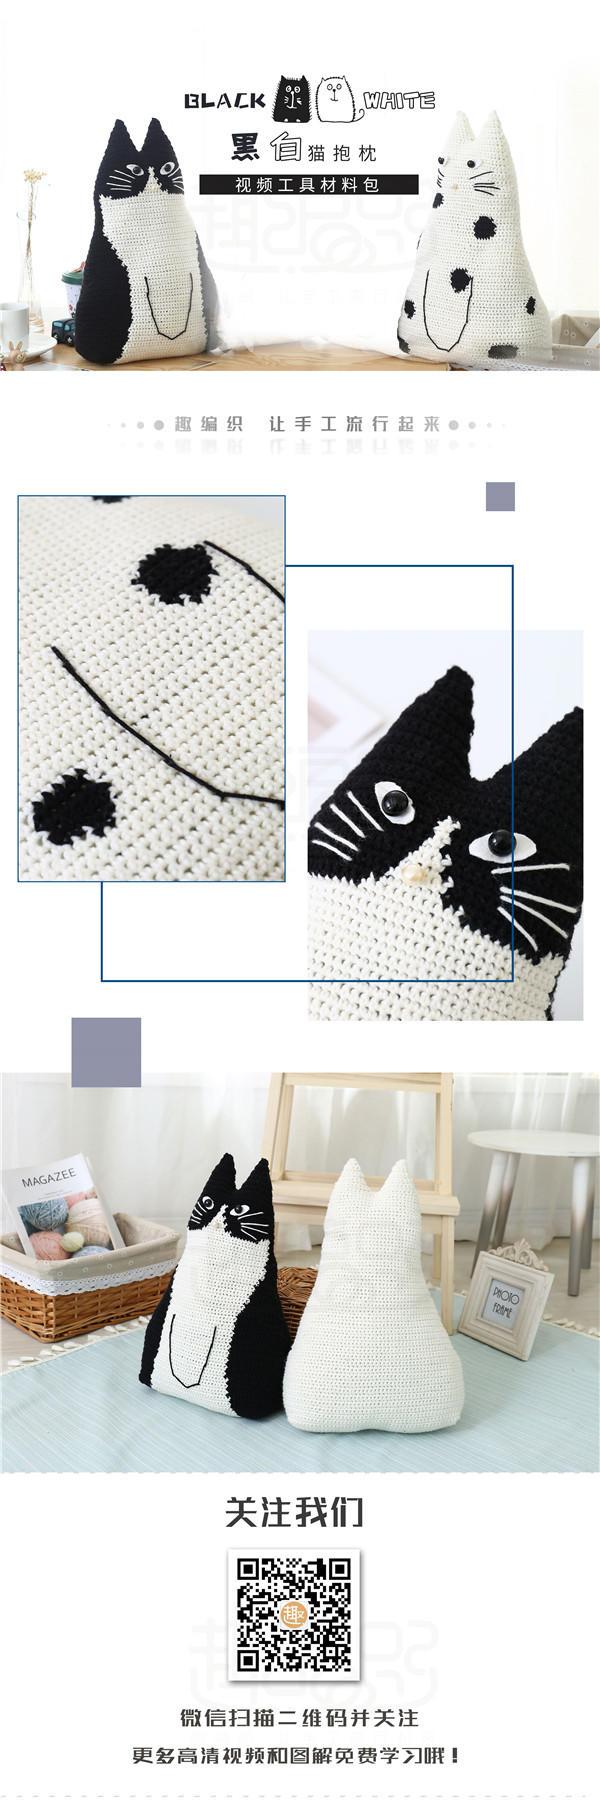 85黑白猫抱枕封面.jpg